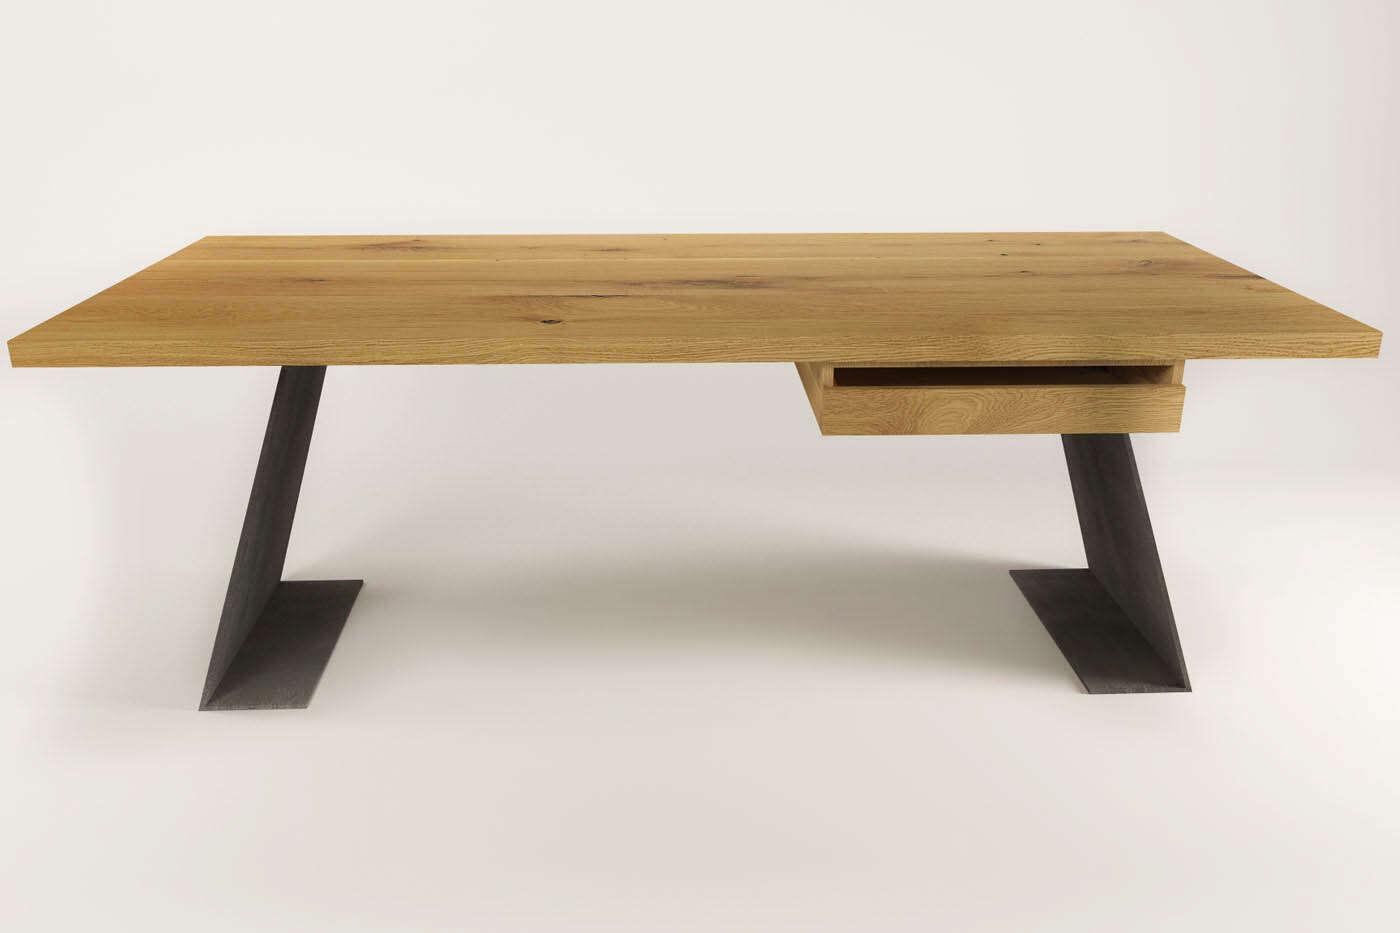 Schreibtisch modern farum eiche wohnsektion for Eiche schreibtisch